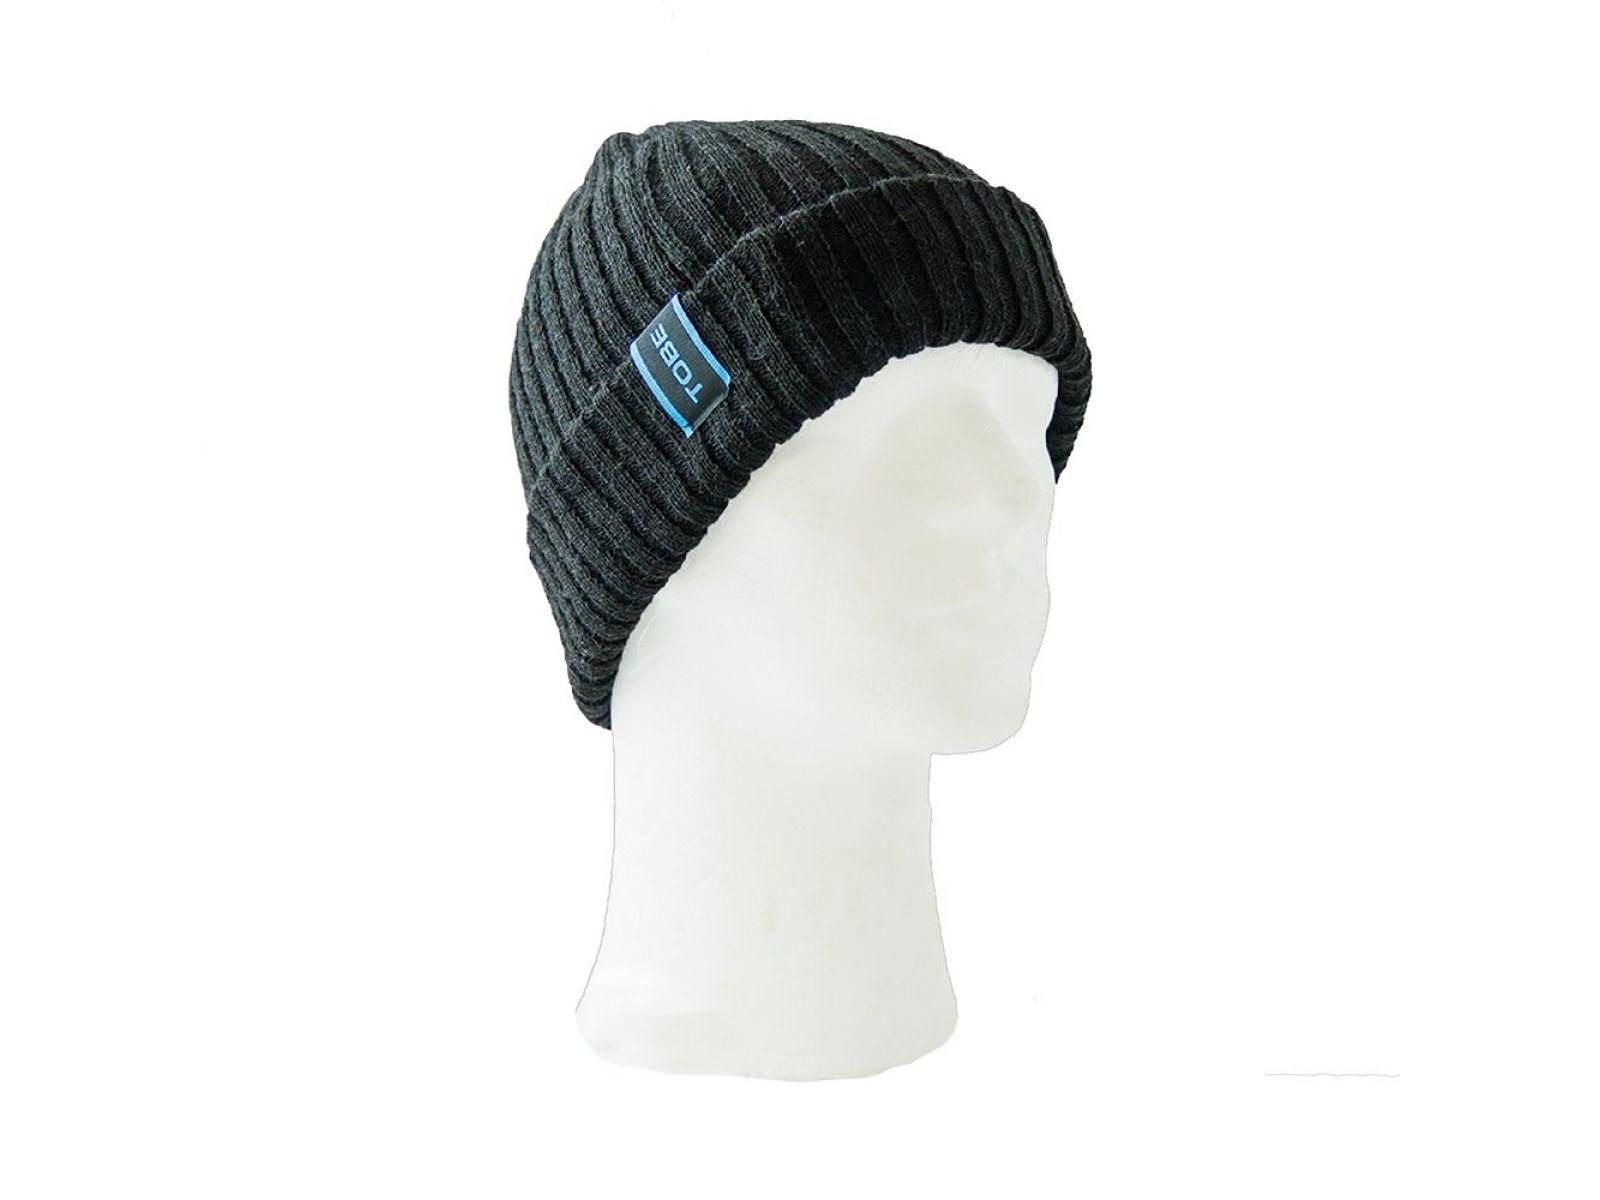 Шапка Tobe CAPT Black OS